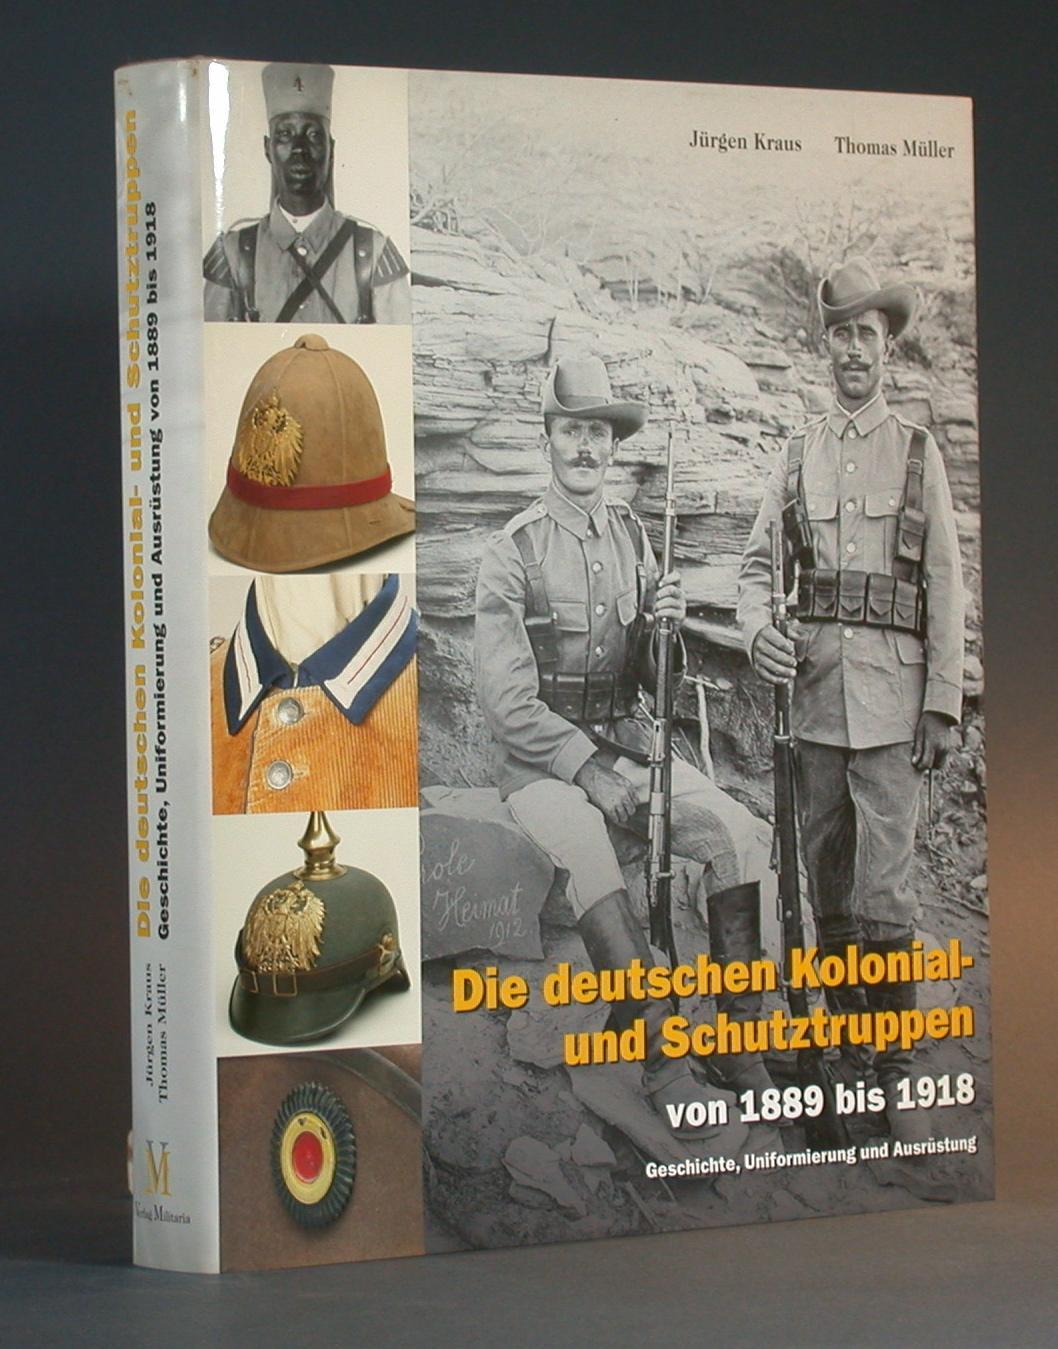 Die deutschen Kolonial- und Schutztruppen von 1889 bis 1918. Geschichte, Uniformierung und Ausr&...